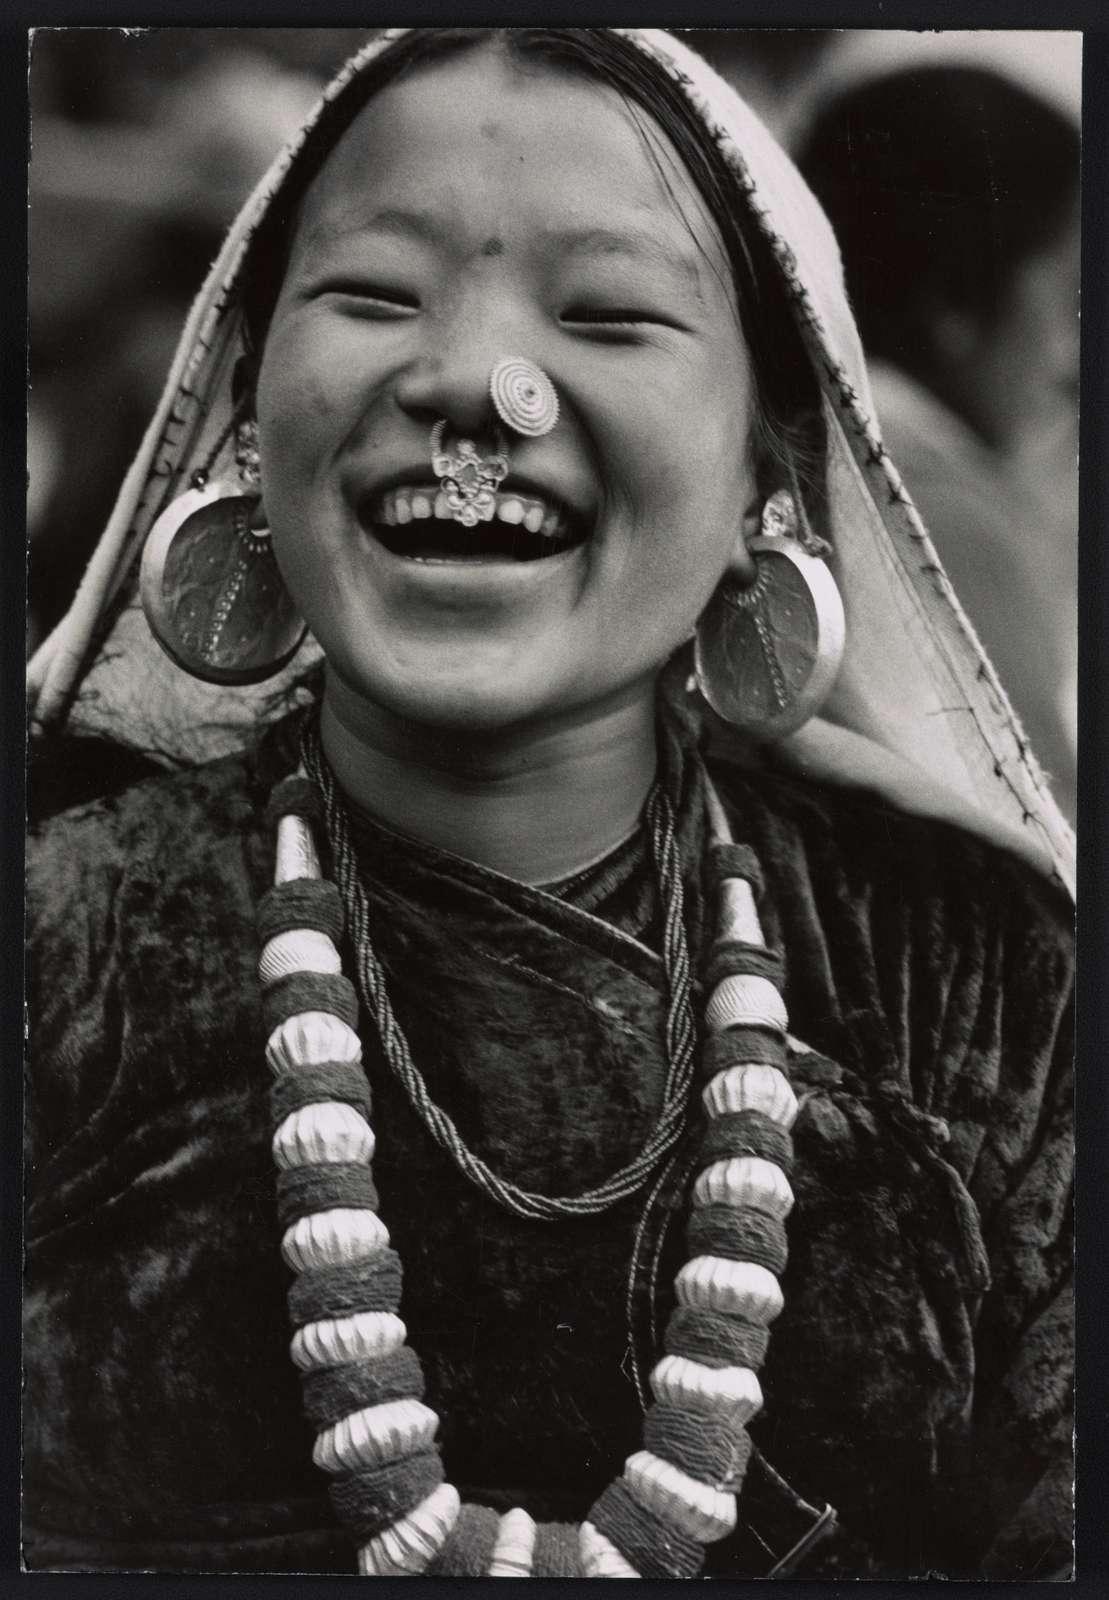 [Sikkimese Nepali girl]